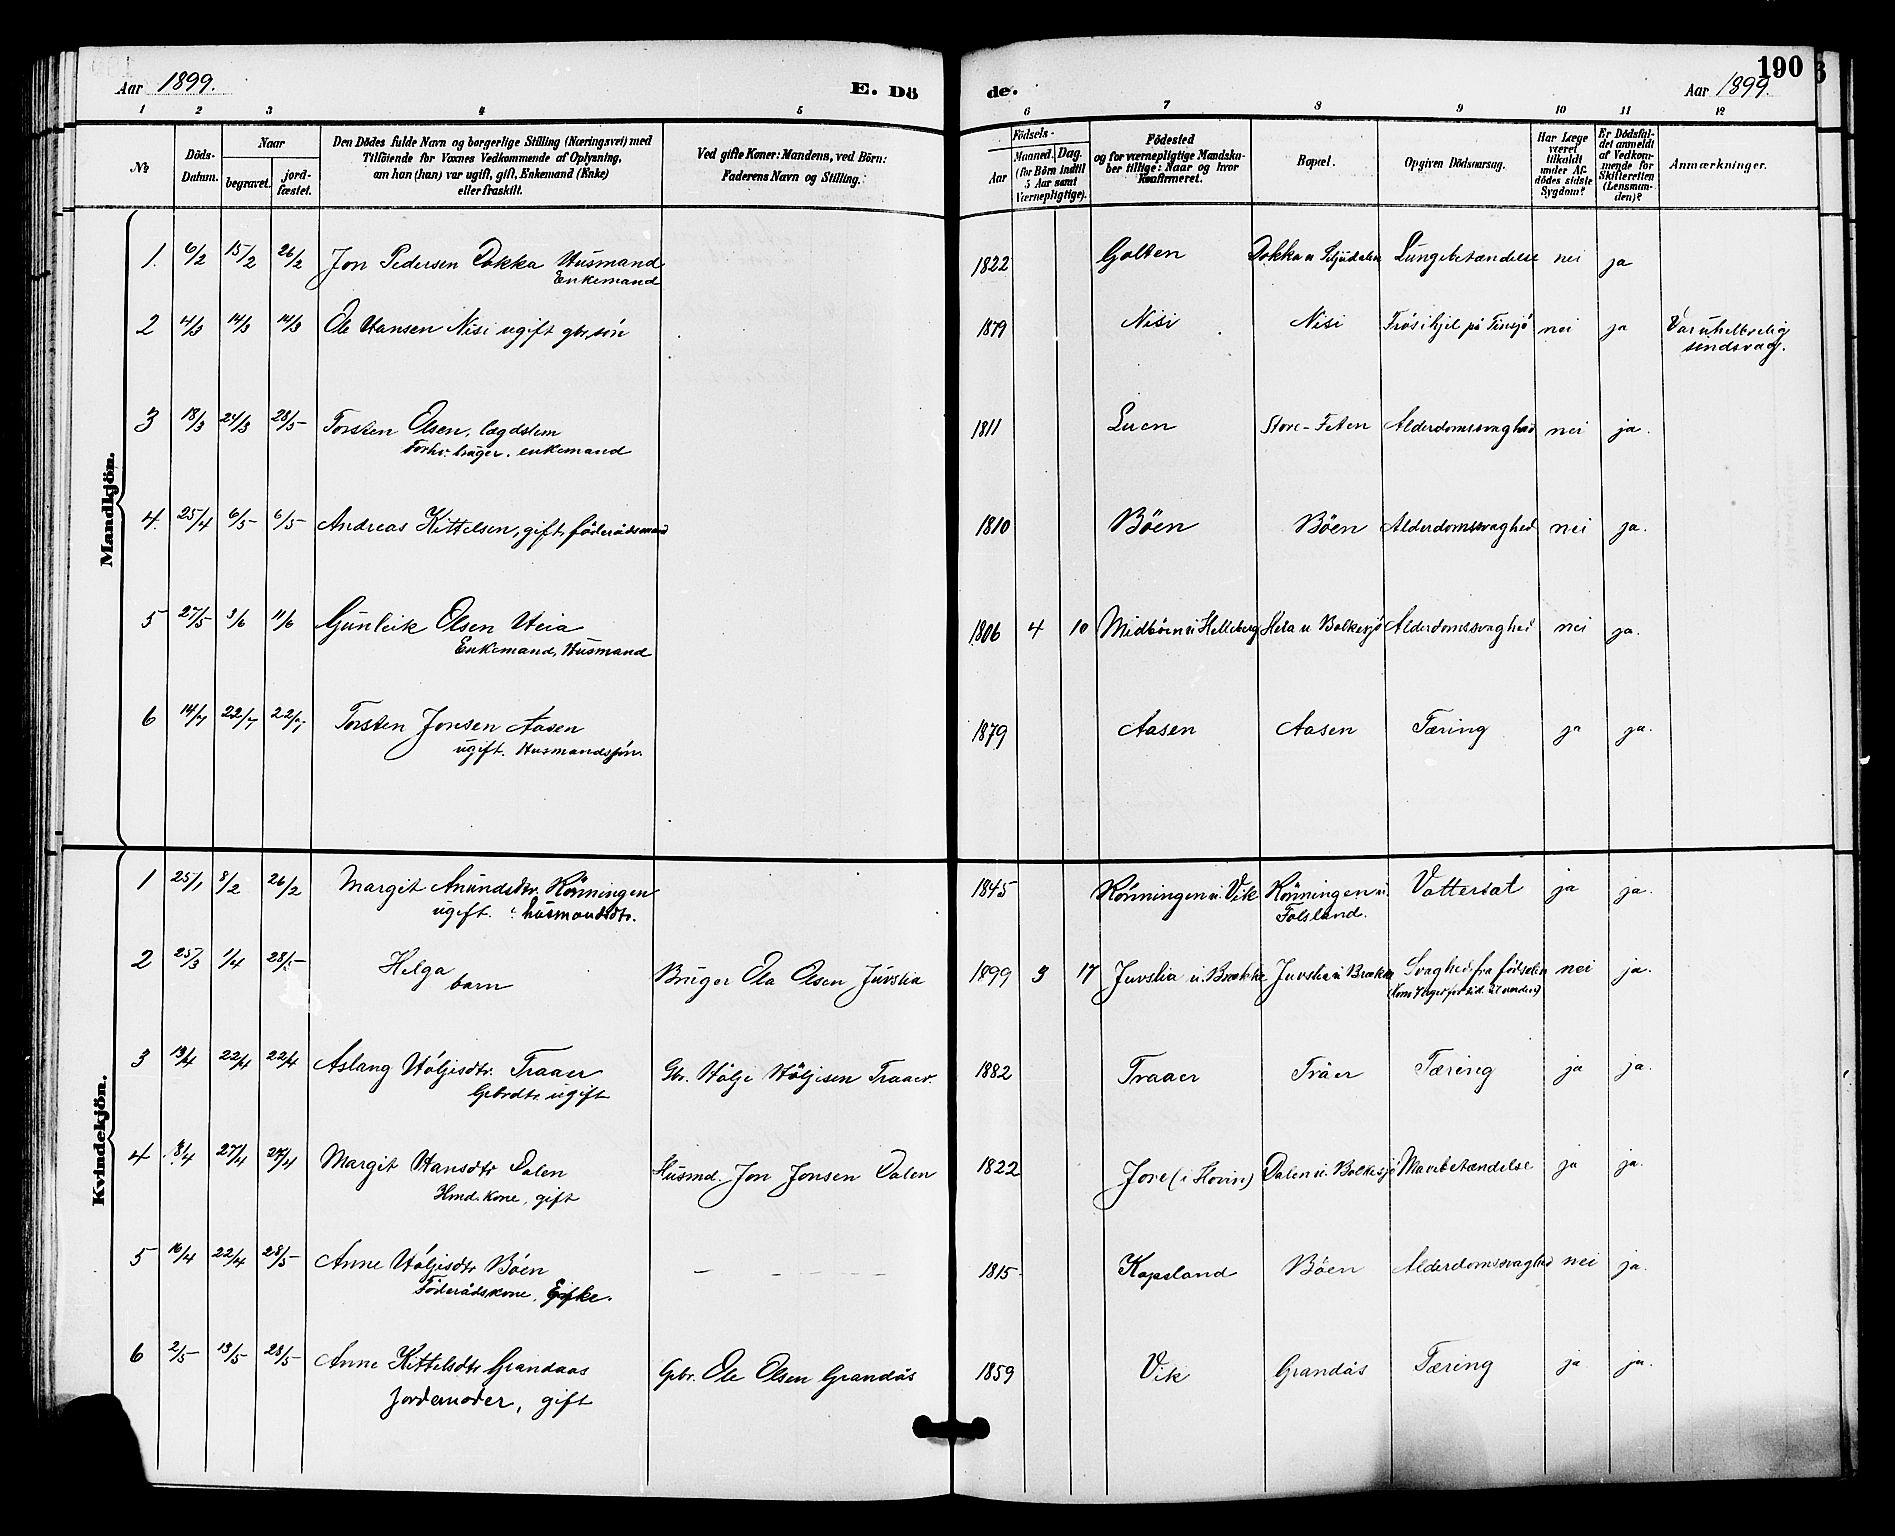 SAKO, Gransherad kirkebøker, G/Ga/L0003: Klokkerbok nr. I 3, 1887-1915, s. 190